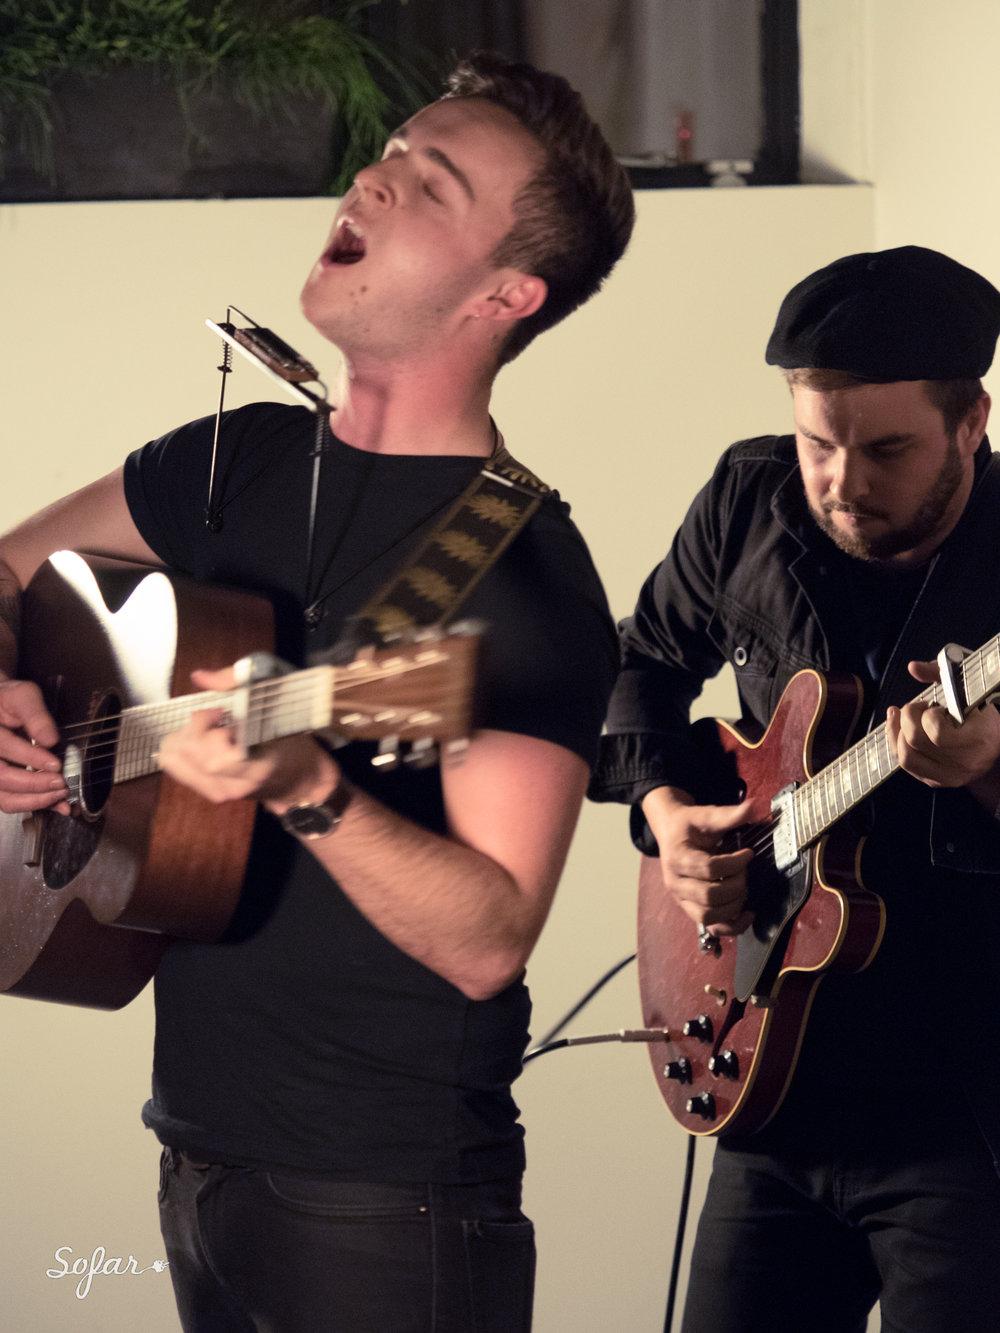 Sofar Sounds @ Black & White, Shoreditch